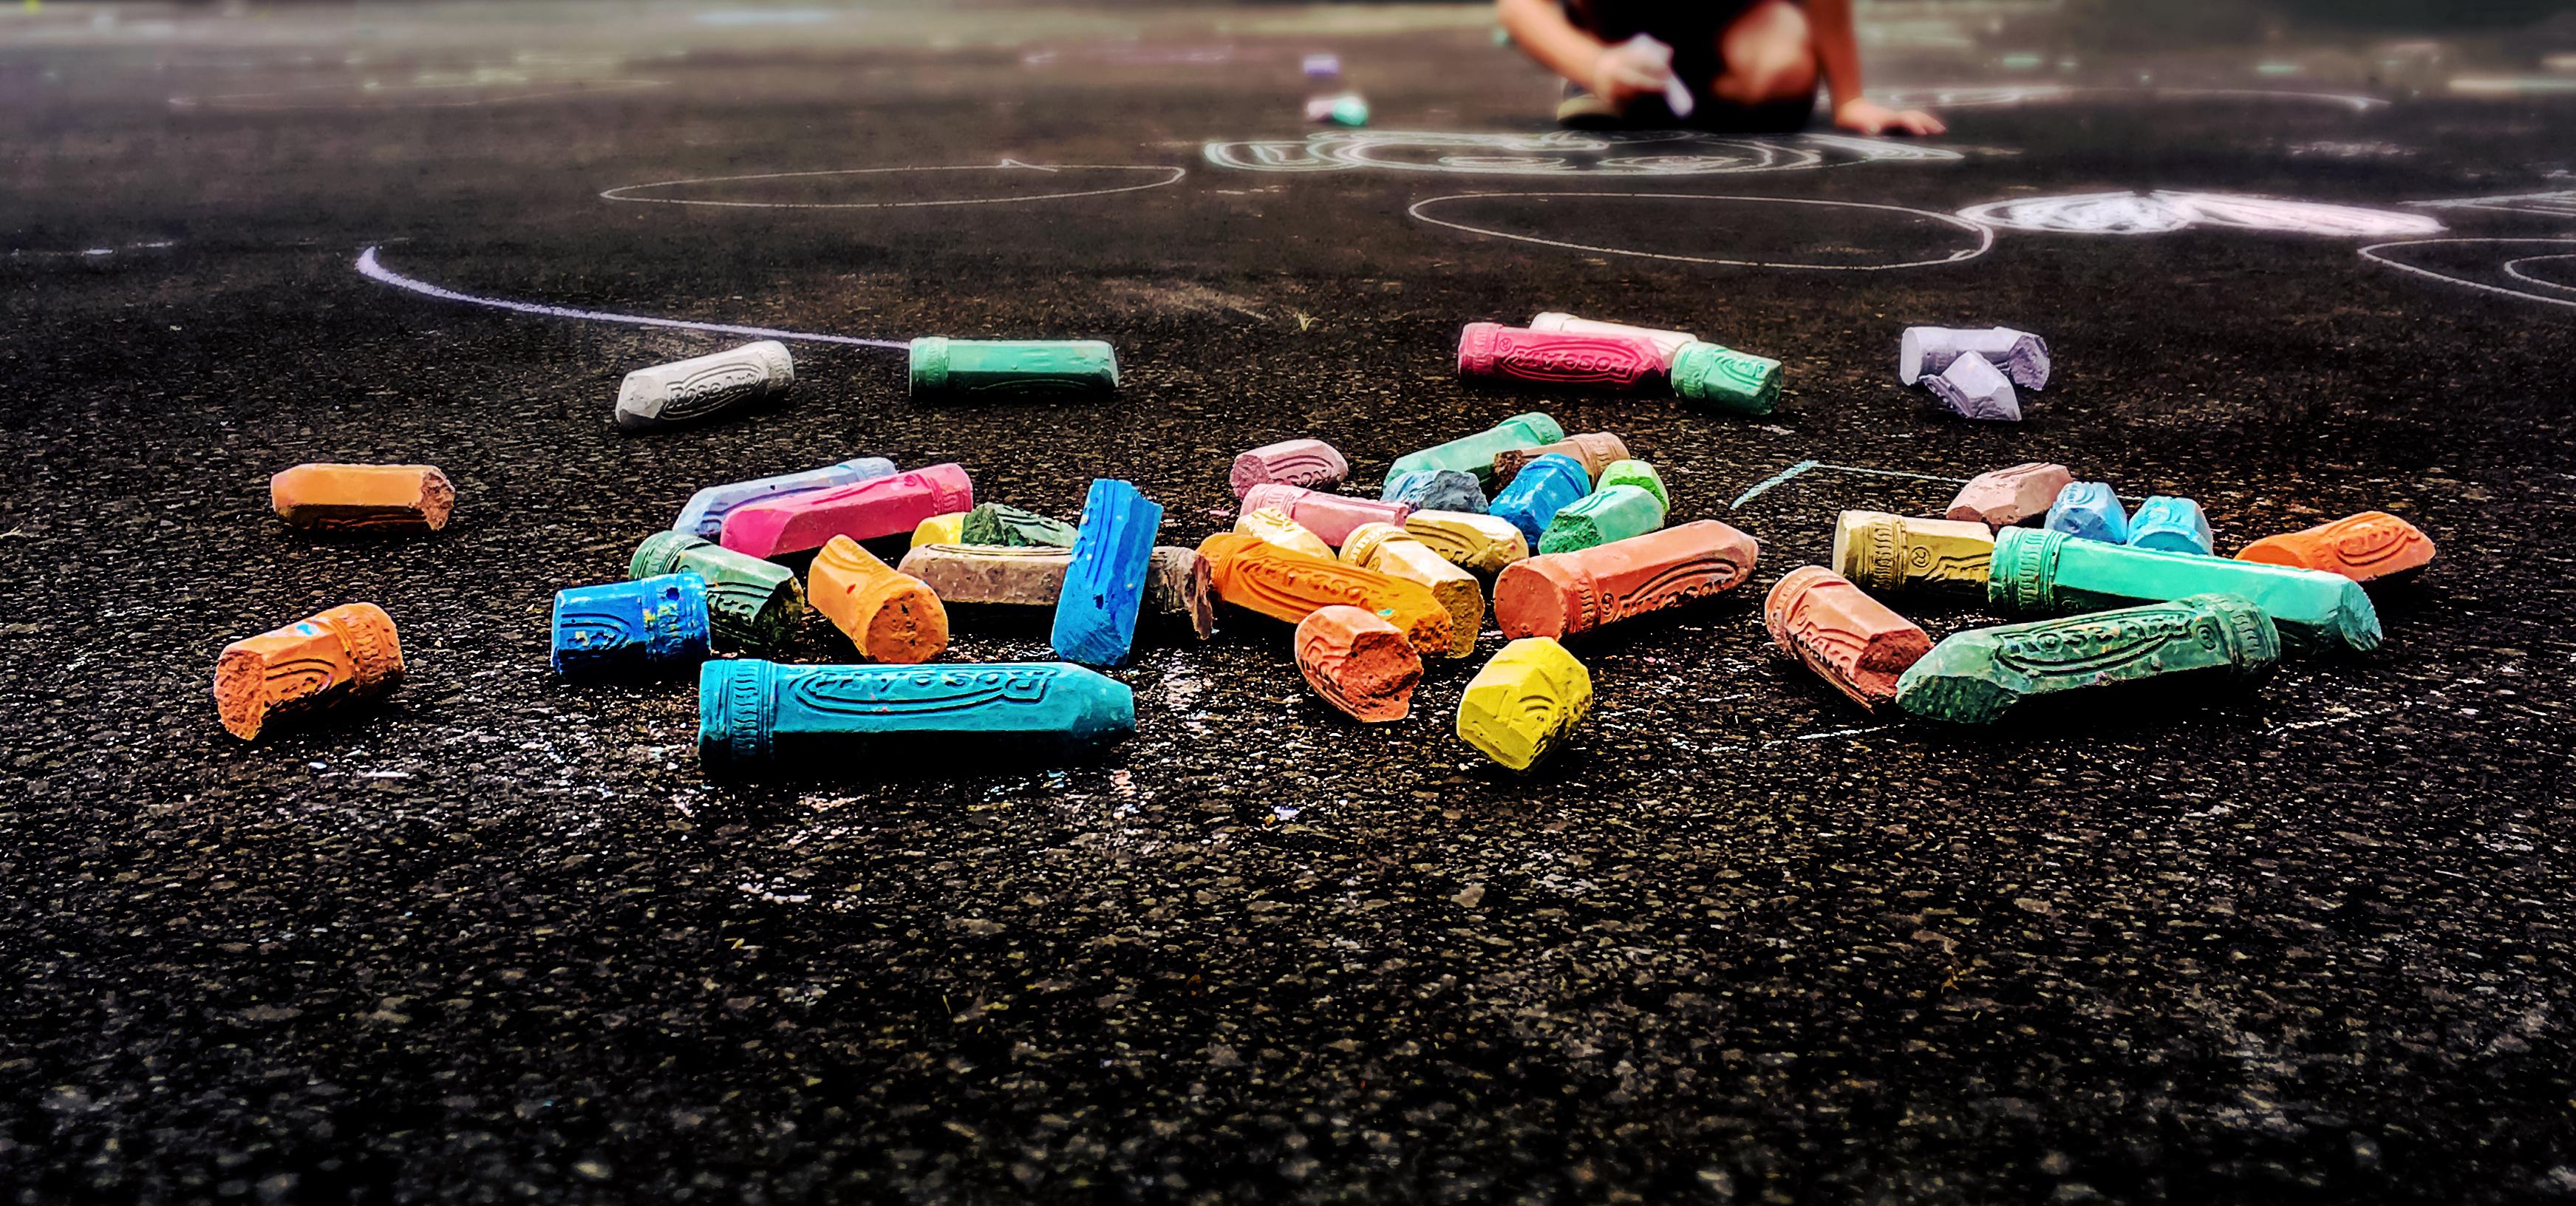 Sfondi Disegno Colorato Strada Bambini Gesso Estate I Phone